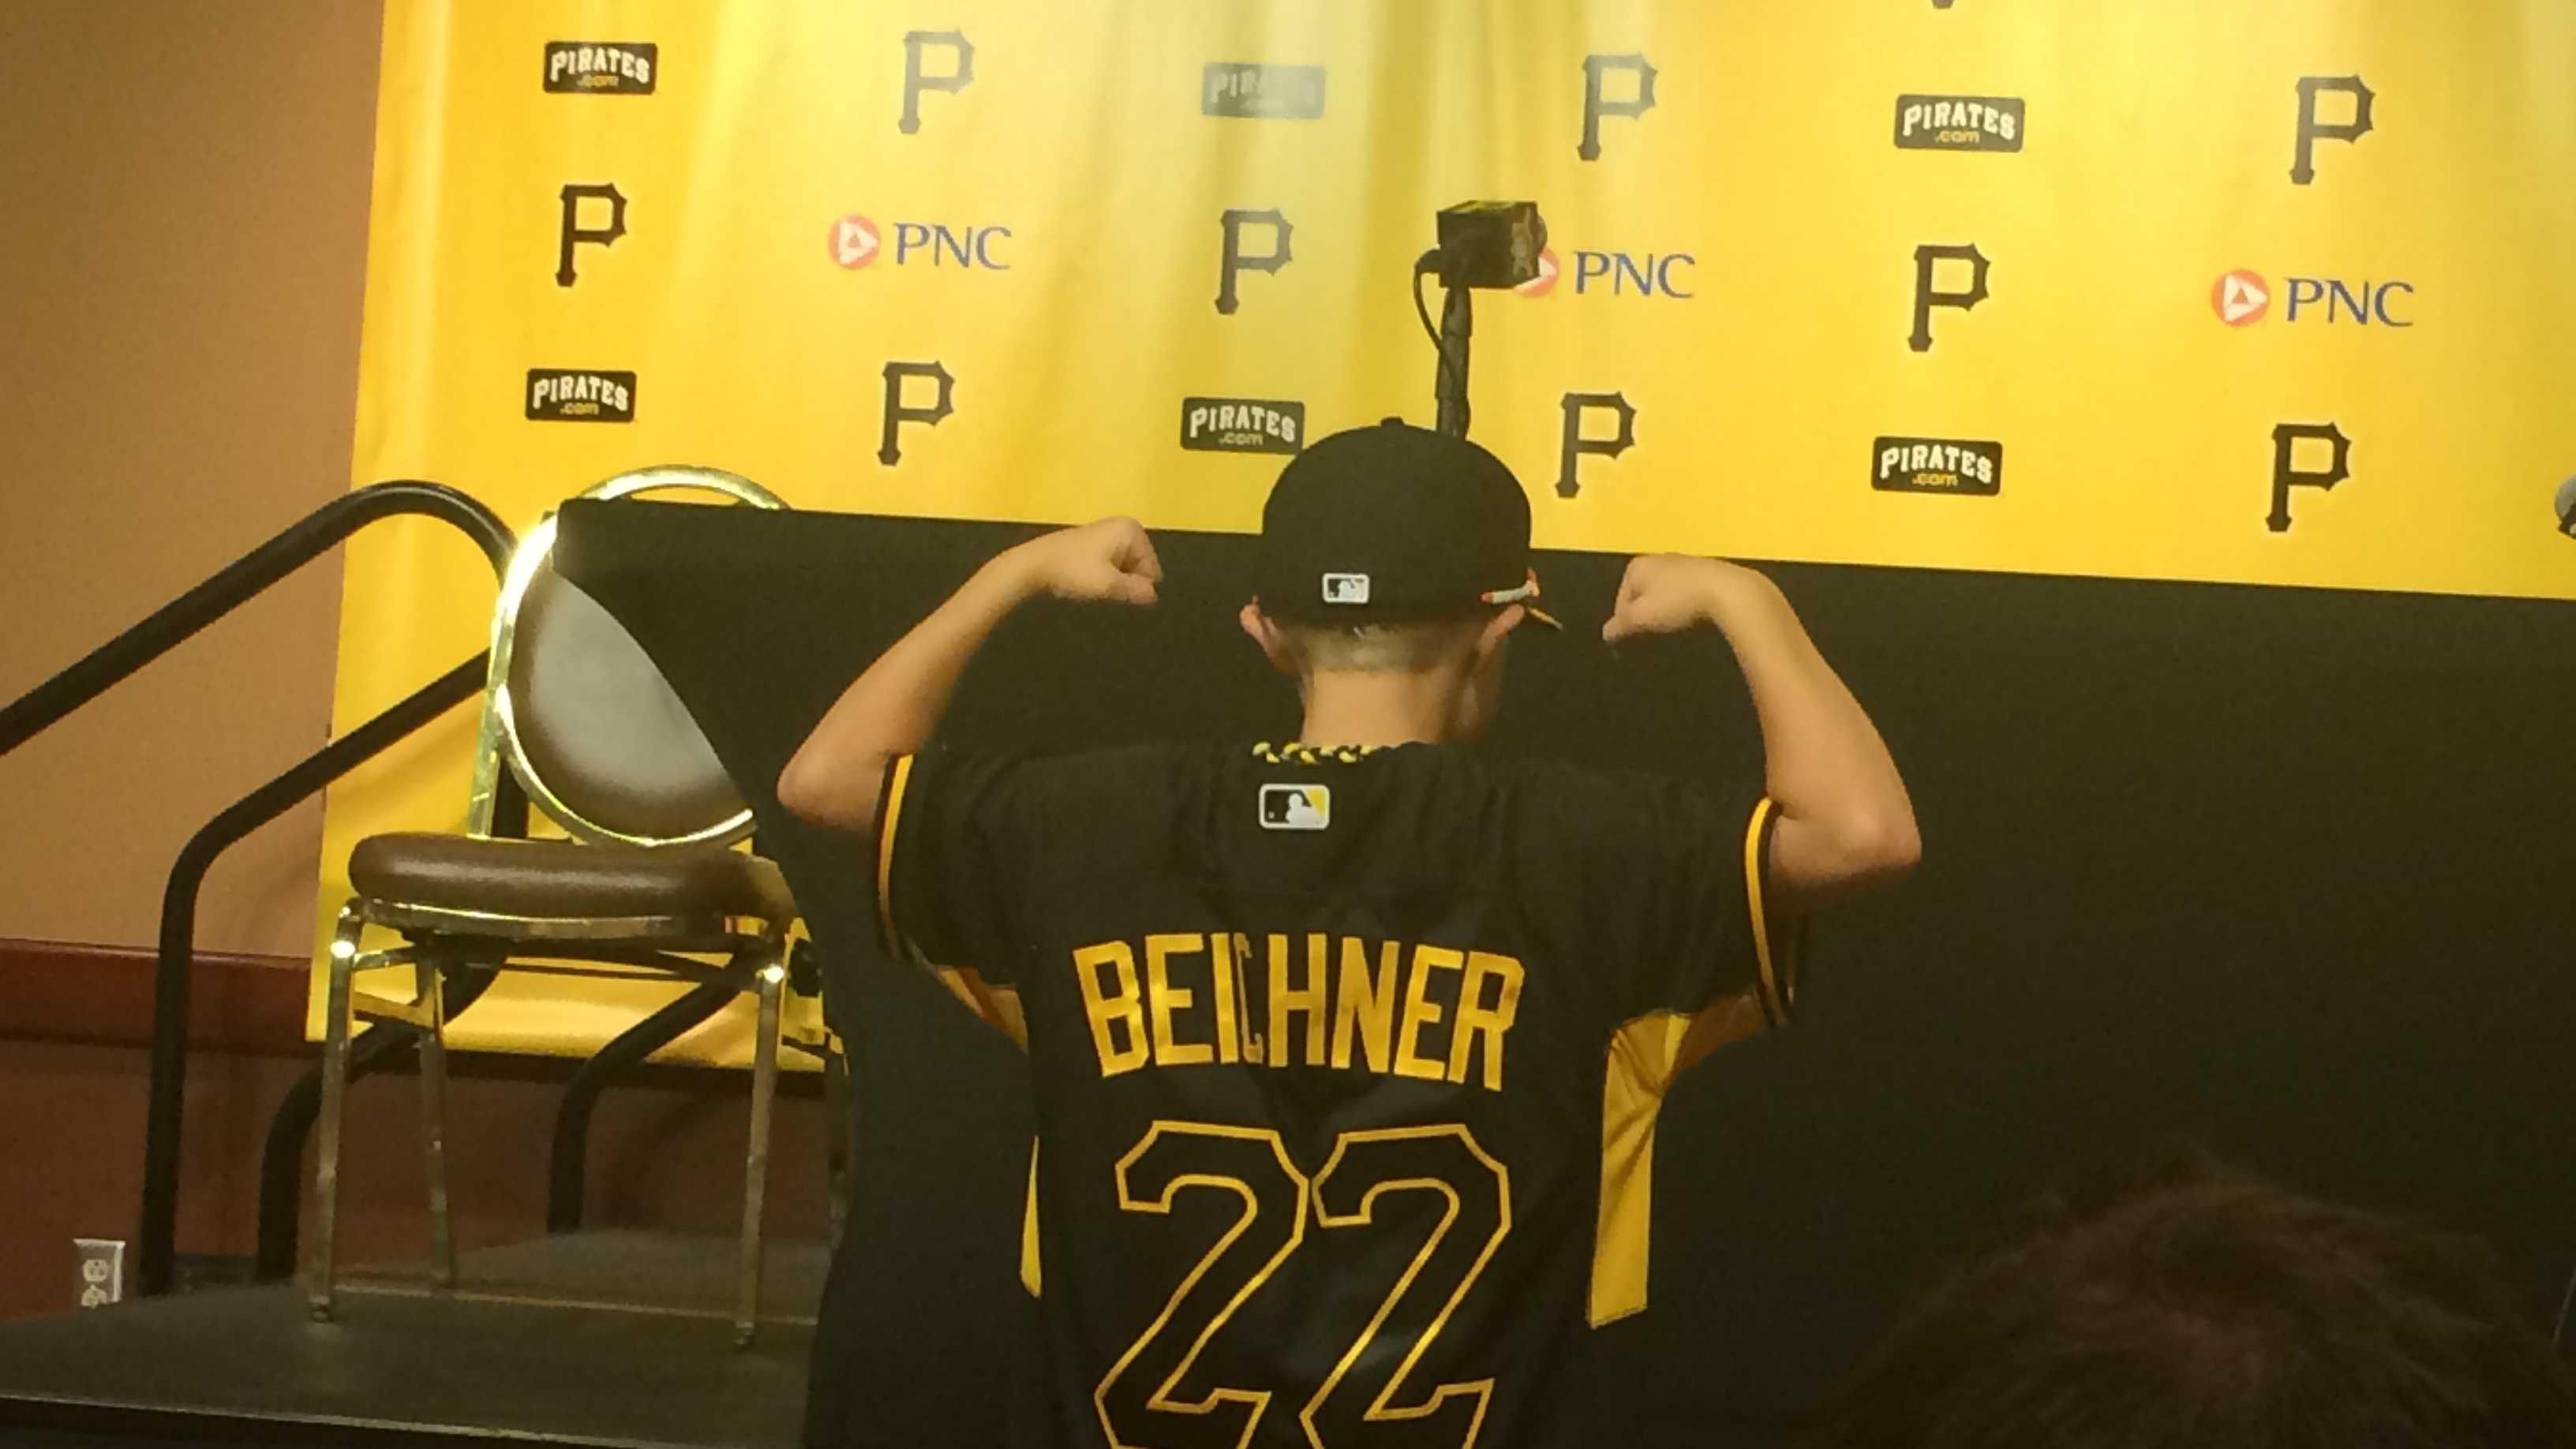 Matthew Beichner wearing jersey.jpg